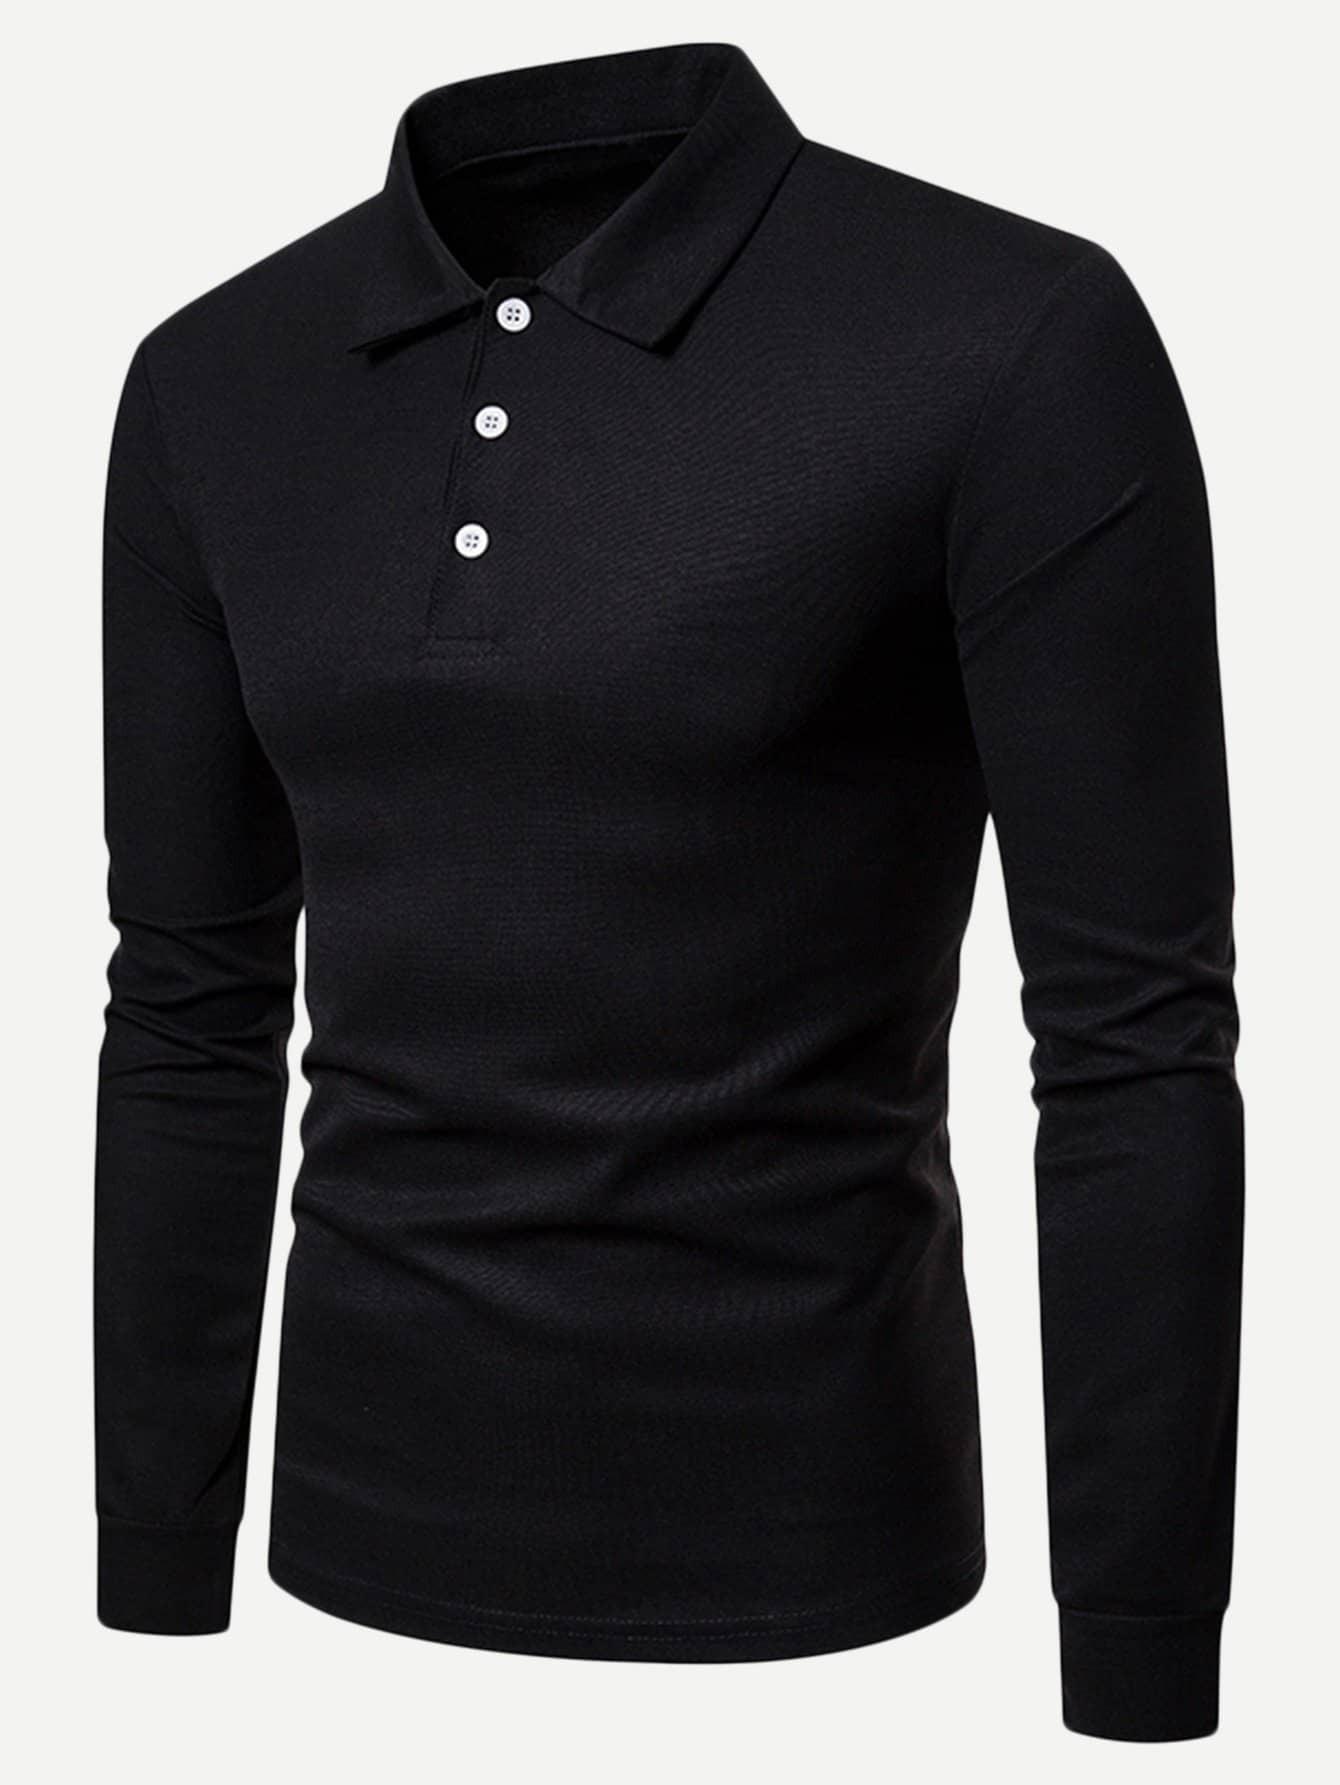 Купить Мужская одноцветная поло футболка, null, SheIn